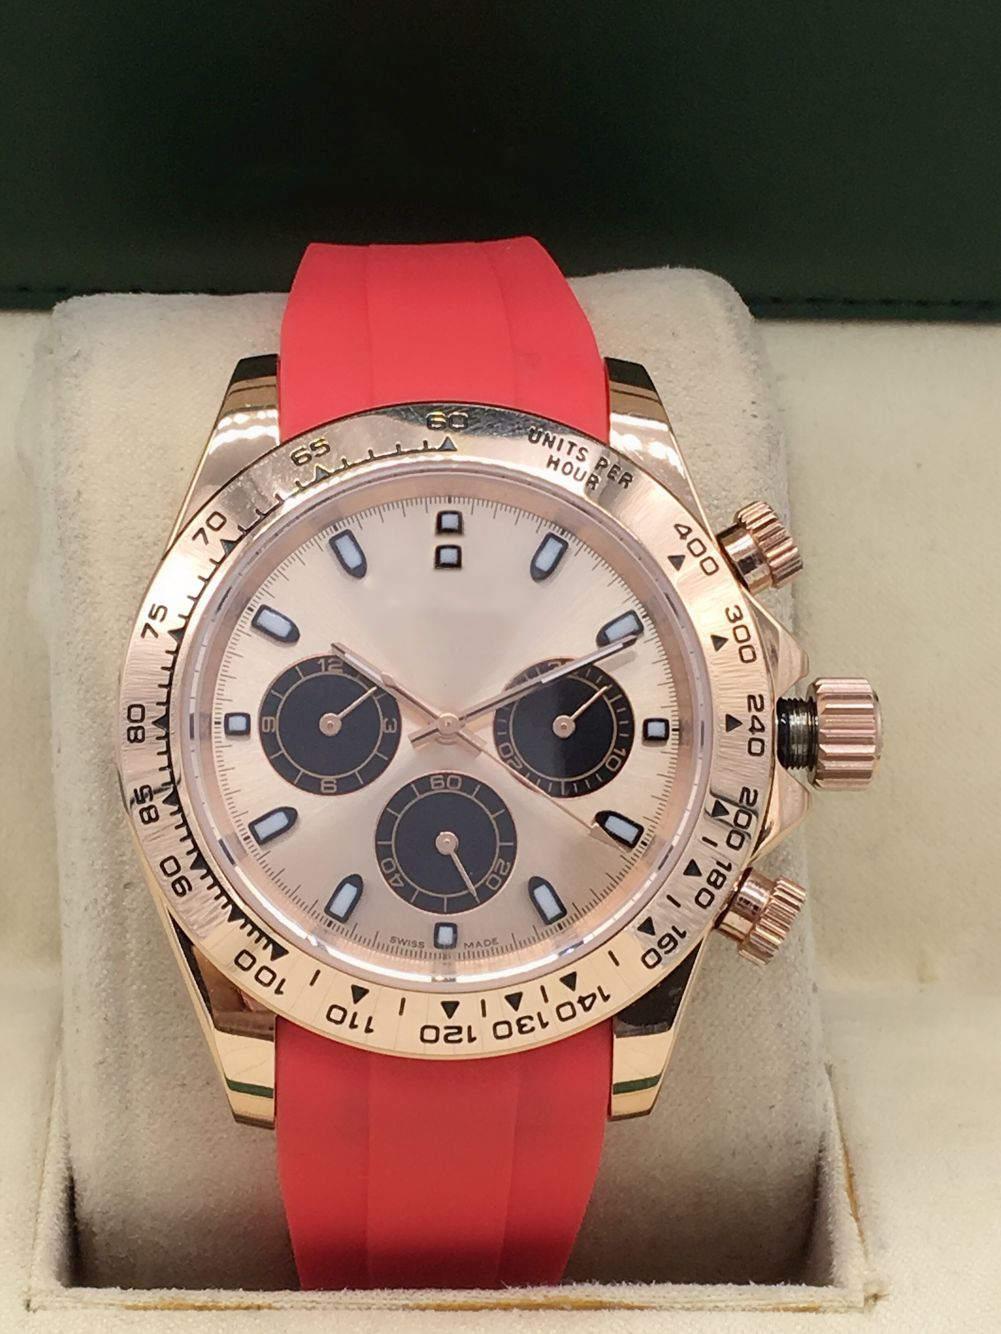 2020 년에 자동 기계식 6 핀 컬러 시계 밴드 패션 시계 레저 40mm Womens 시계의 뜨거운 판매 업그레이드 버전